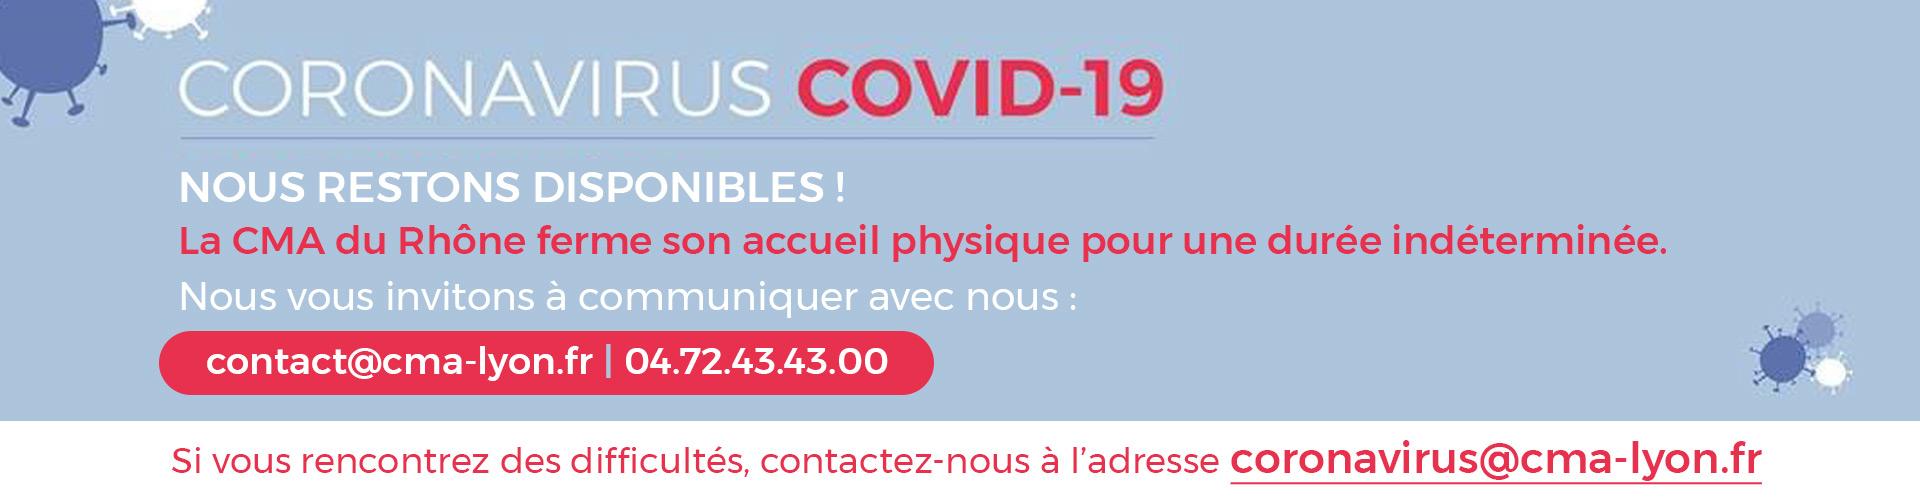 sliders-coronavirus.jpg